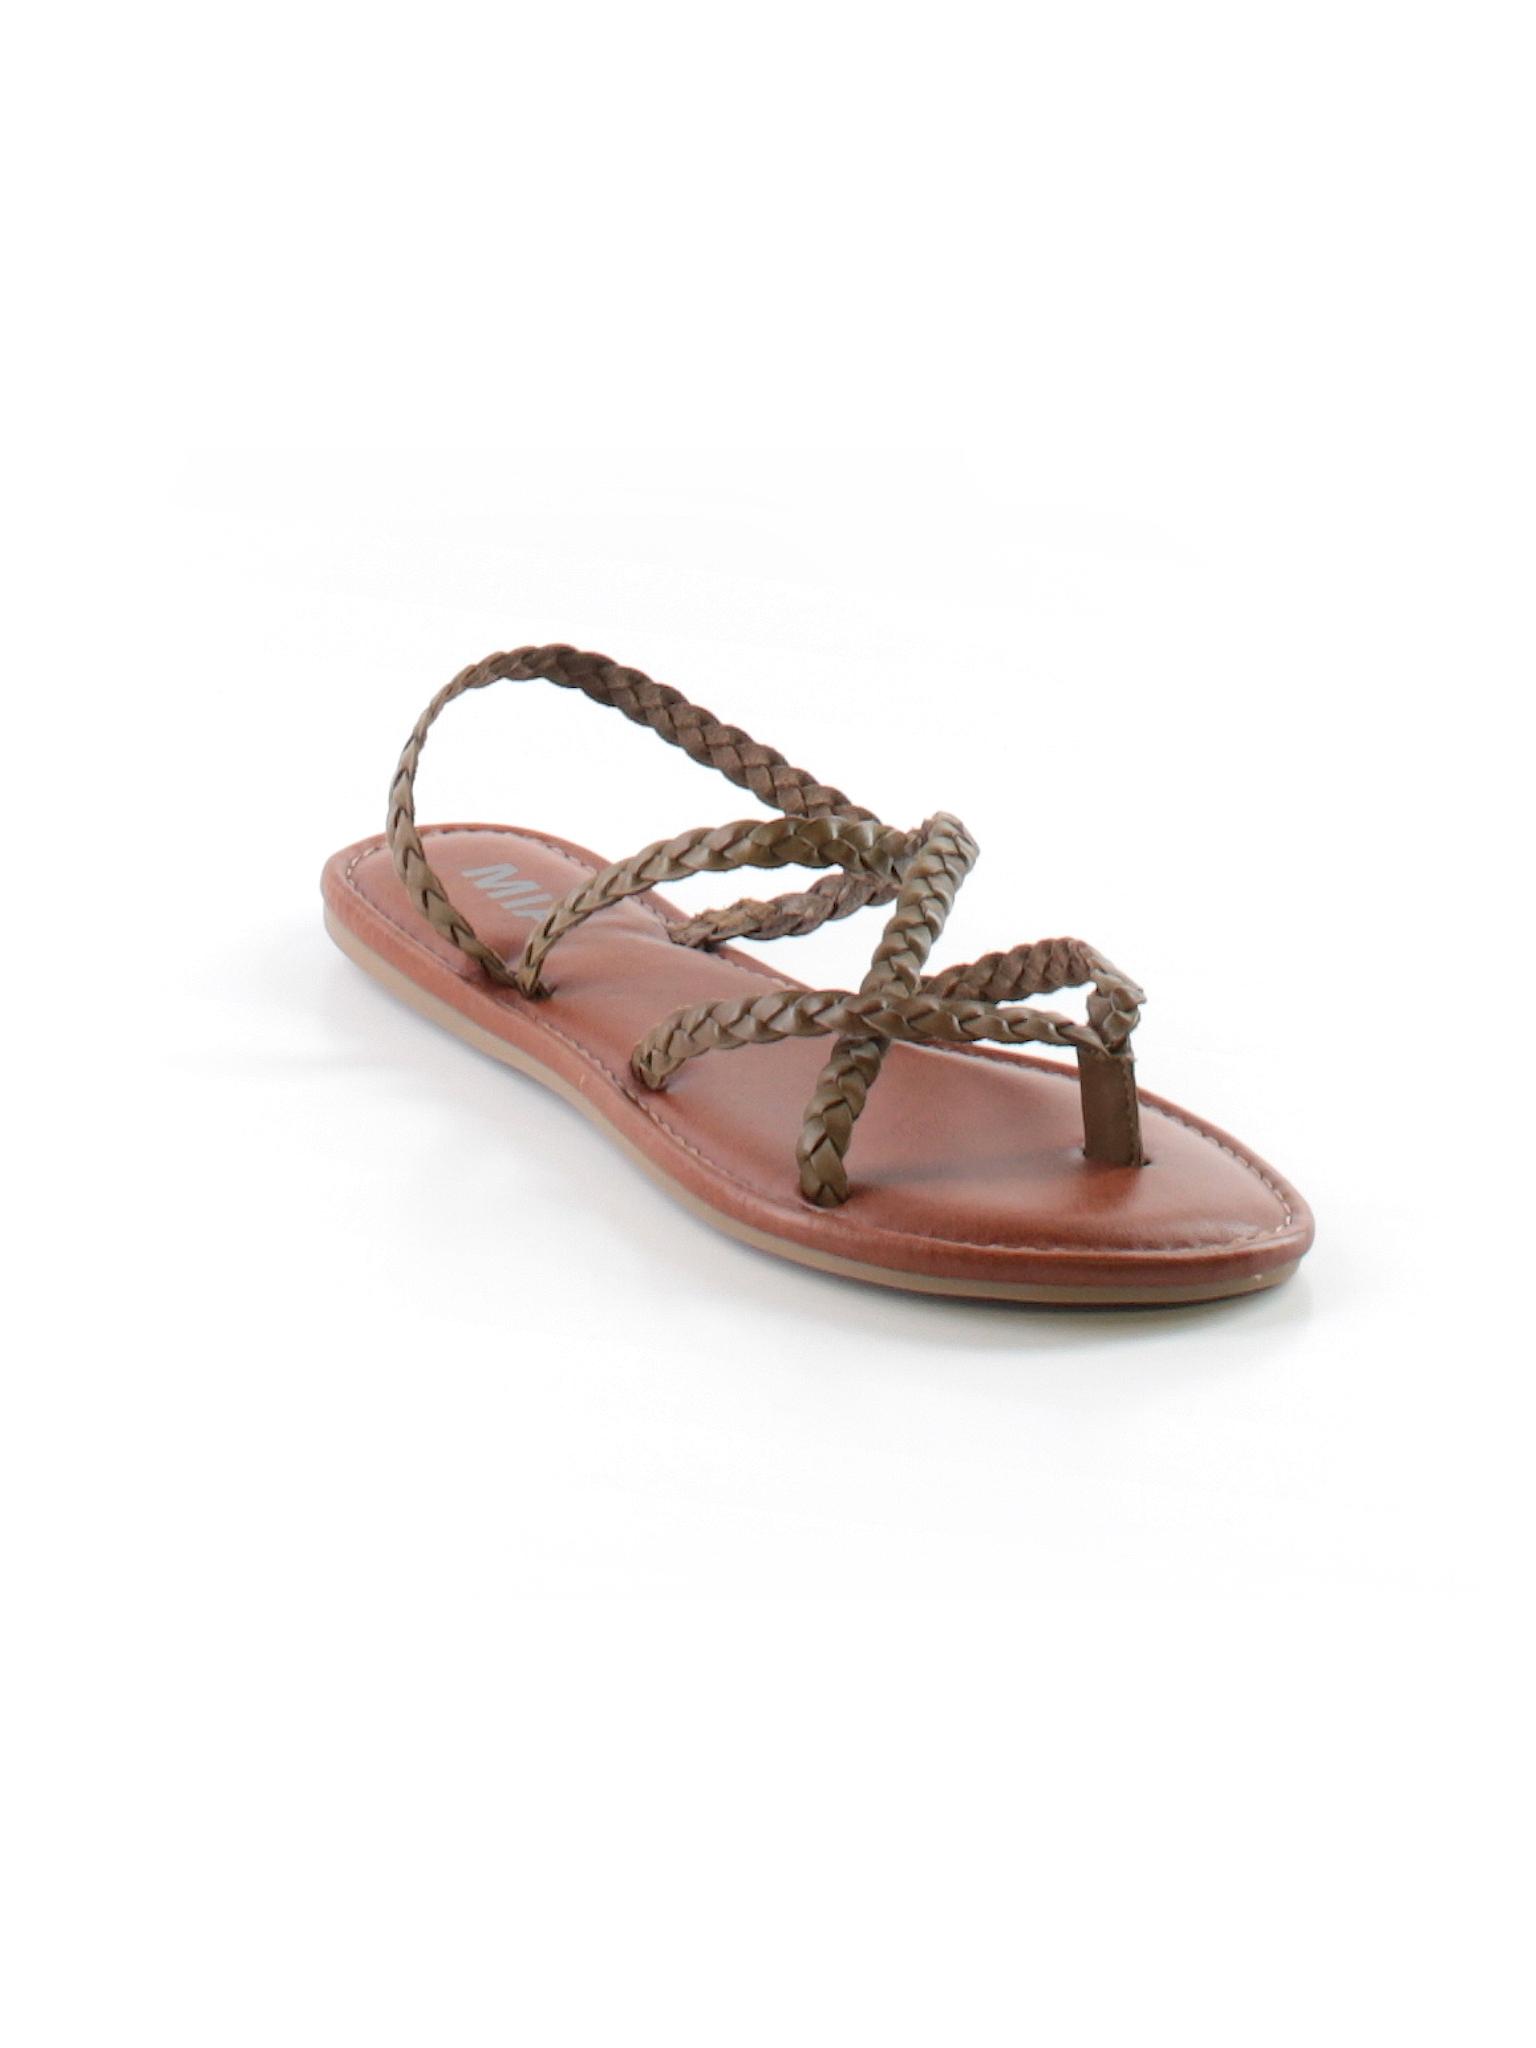 promotion Boutique promotion Boutique Sandals Mia 4UnH8n